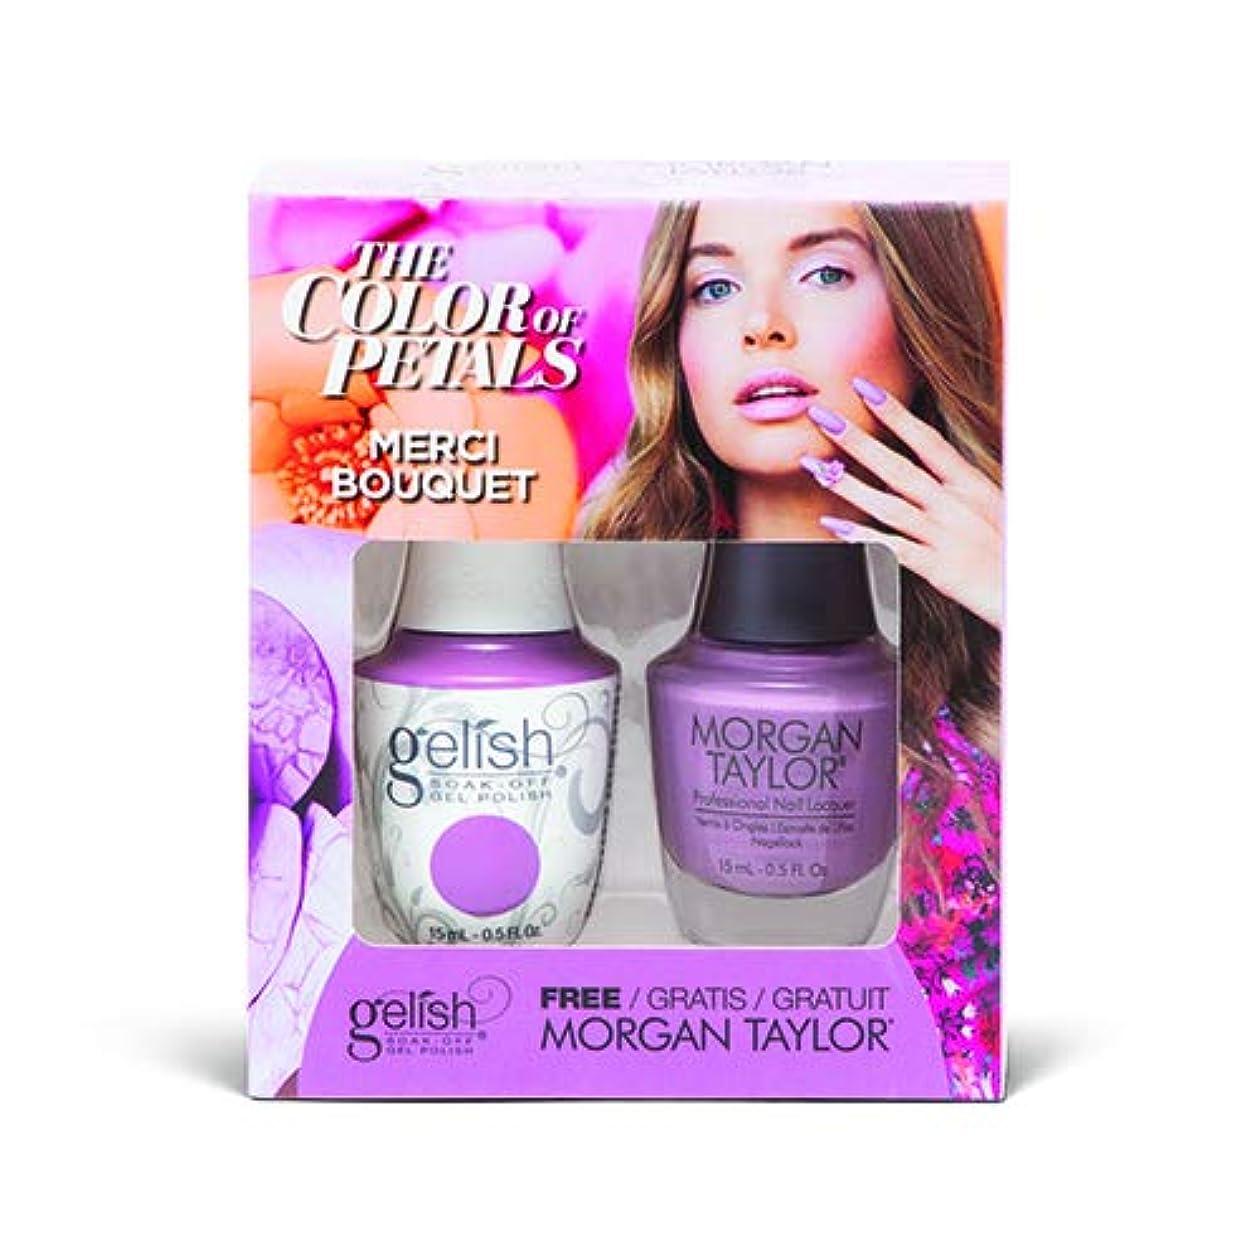 アンデス山脈進行中禁じるHarmony Gelish - Two Of A Kind - The Color Of Petals - Merci Bouquet - 15 mL / 0.5 Oz